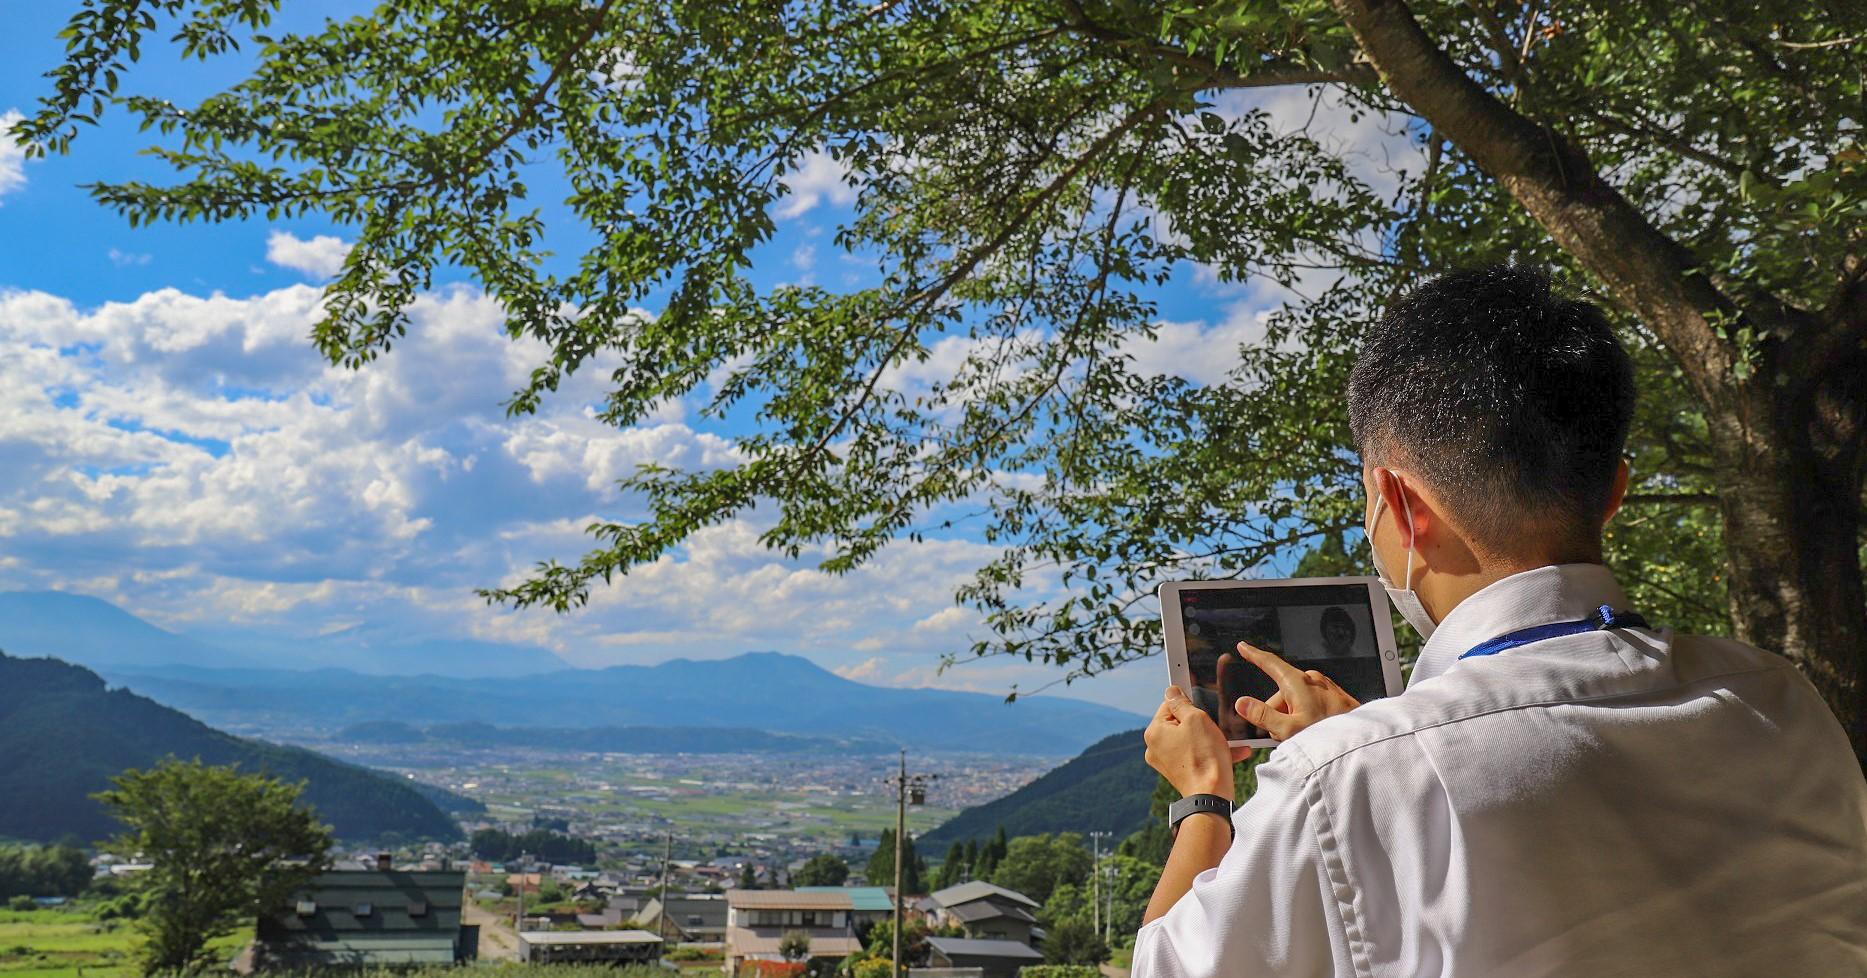 中野市街地が一望できる高台からタブレット越しにまちの紹介を行う様子